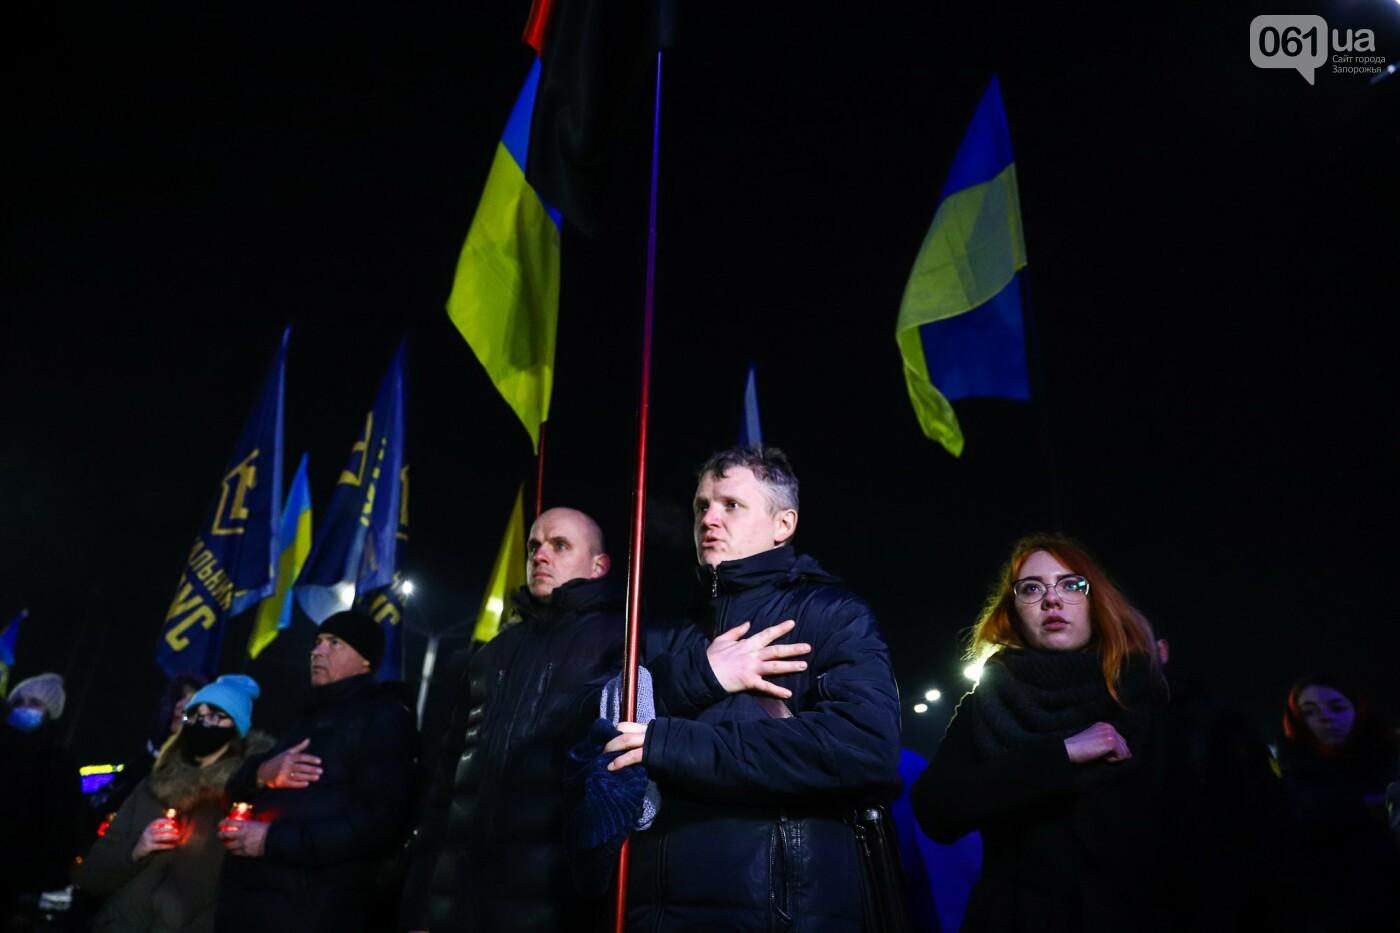 З прапорами та лампадками: у Запоріжжі вшанували Героїв Небесної Сотні, - ФОТОРЕПОРТАЖ , фото-11